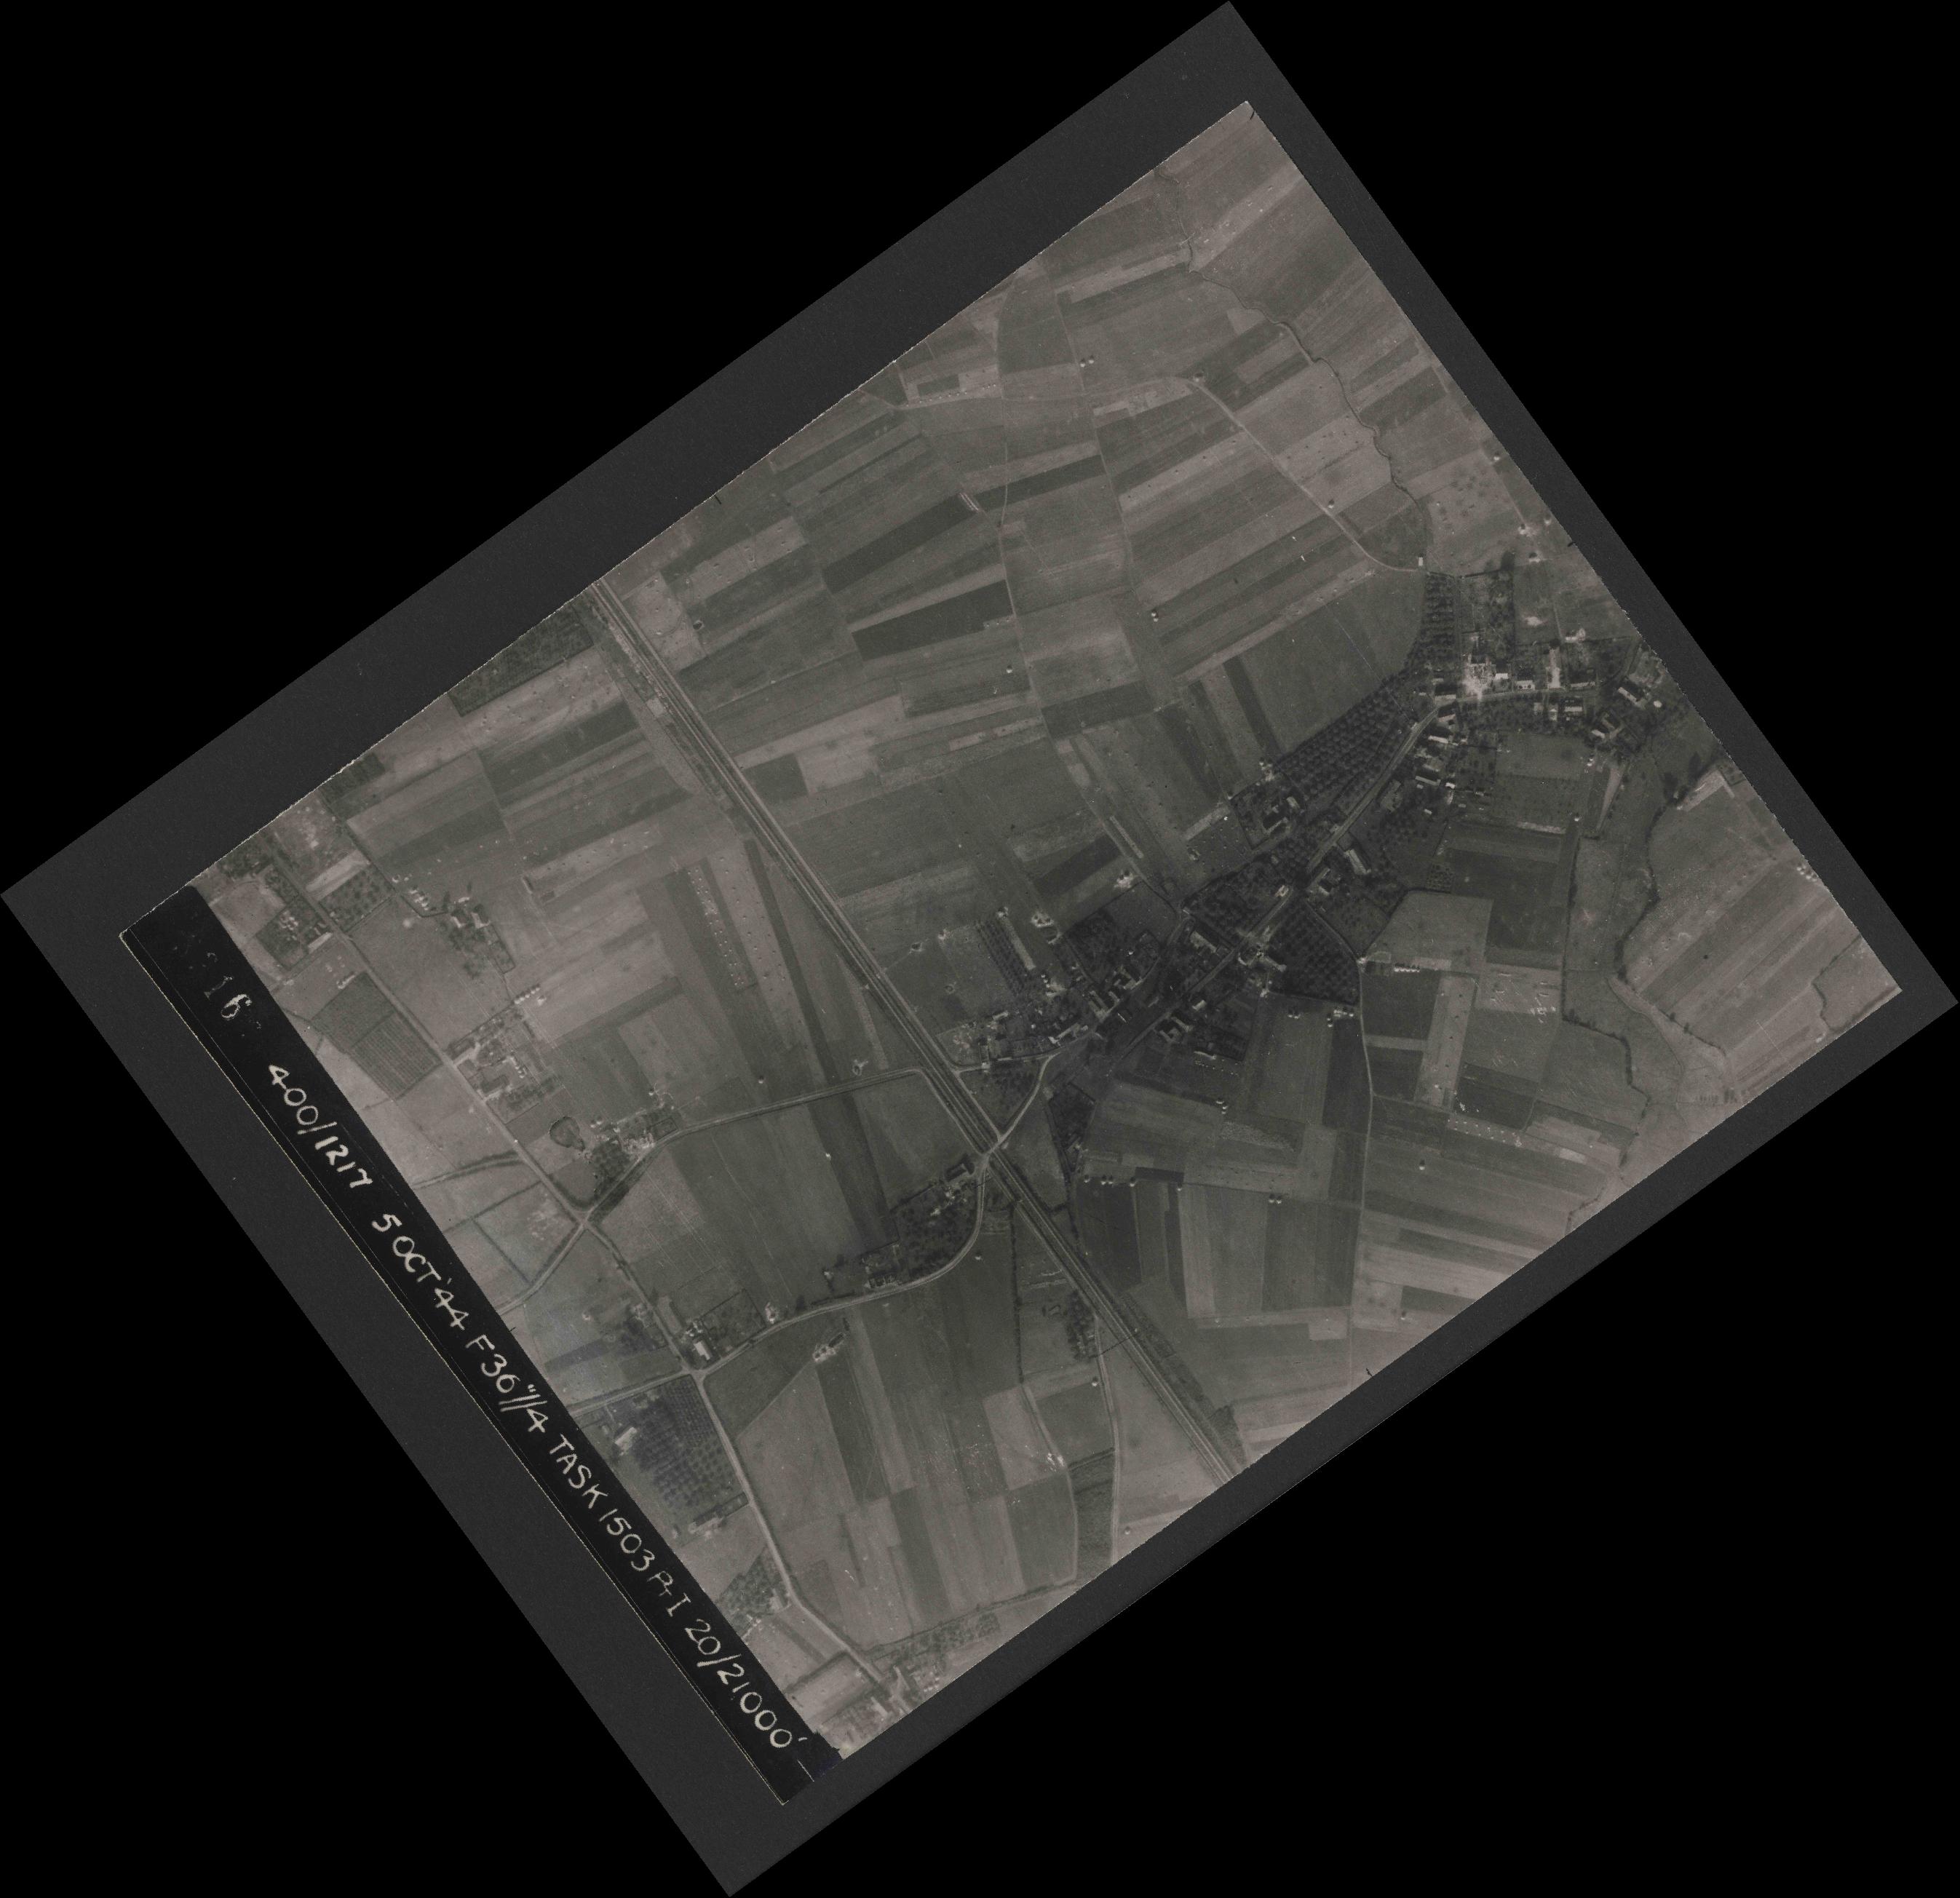 Collection RAF aerial photos 1940-1945 - flight 316, run 12, photo 3316